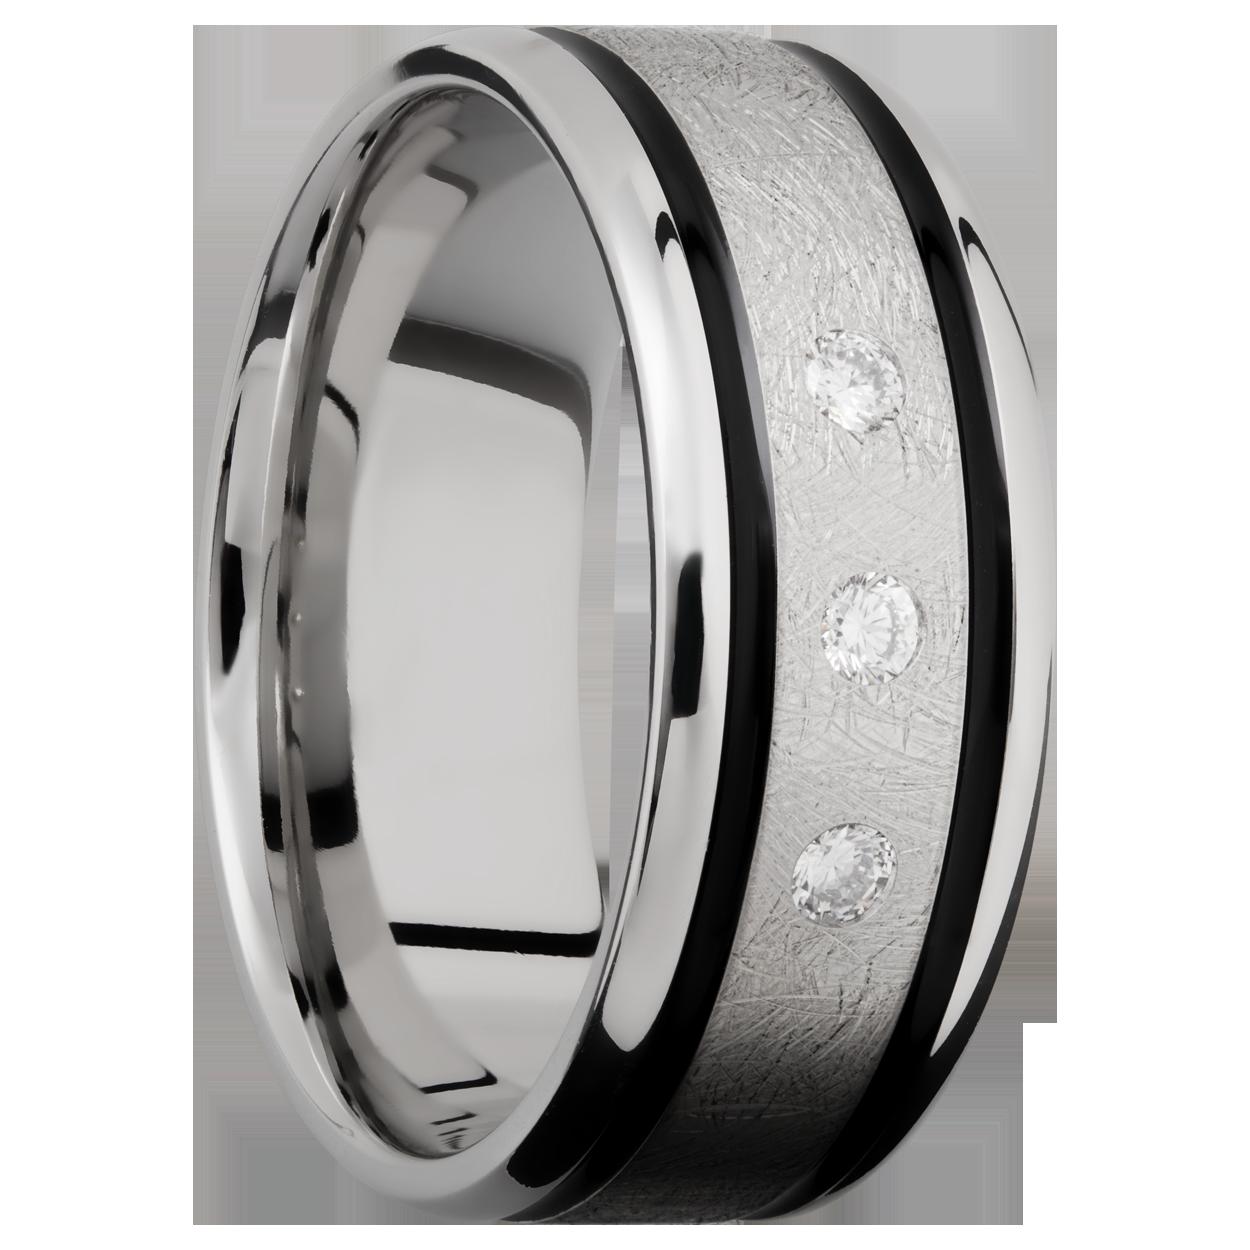 The Argon Ring care, Mens wedding bands, Cobalt chrome